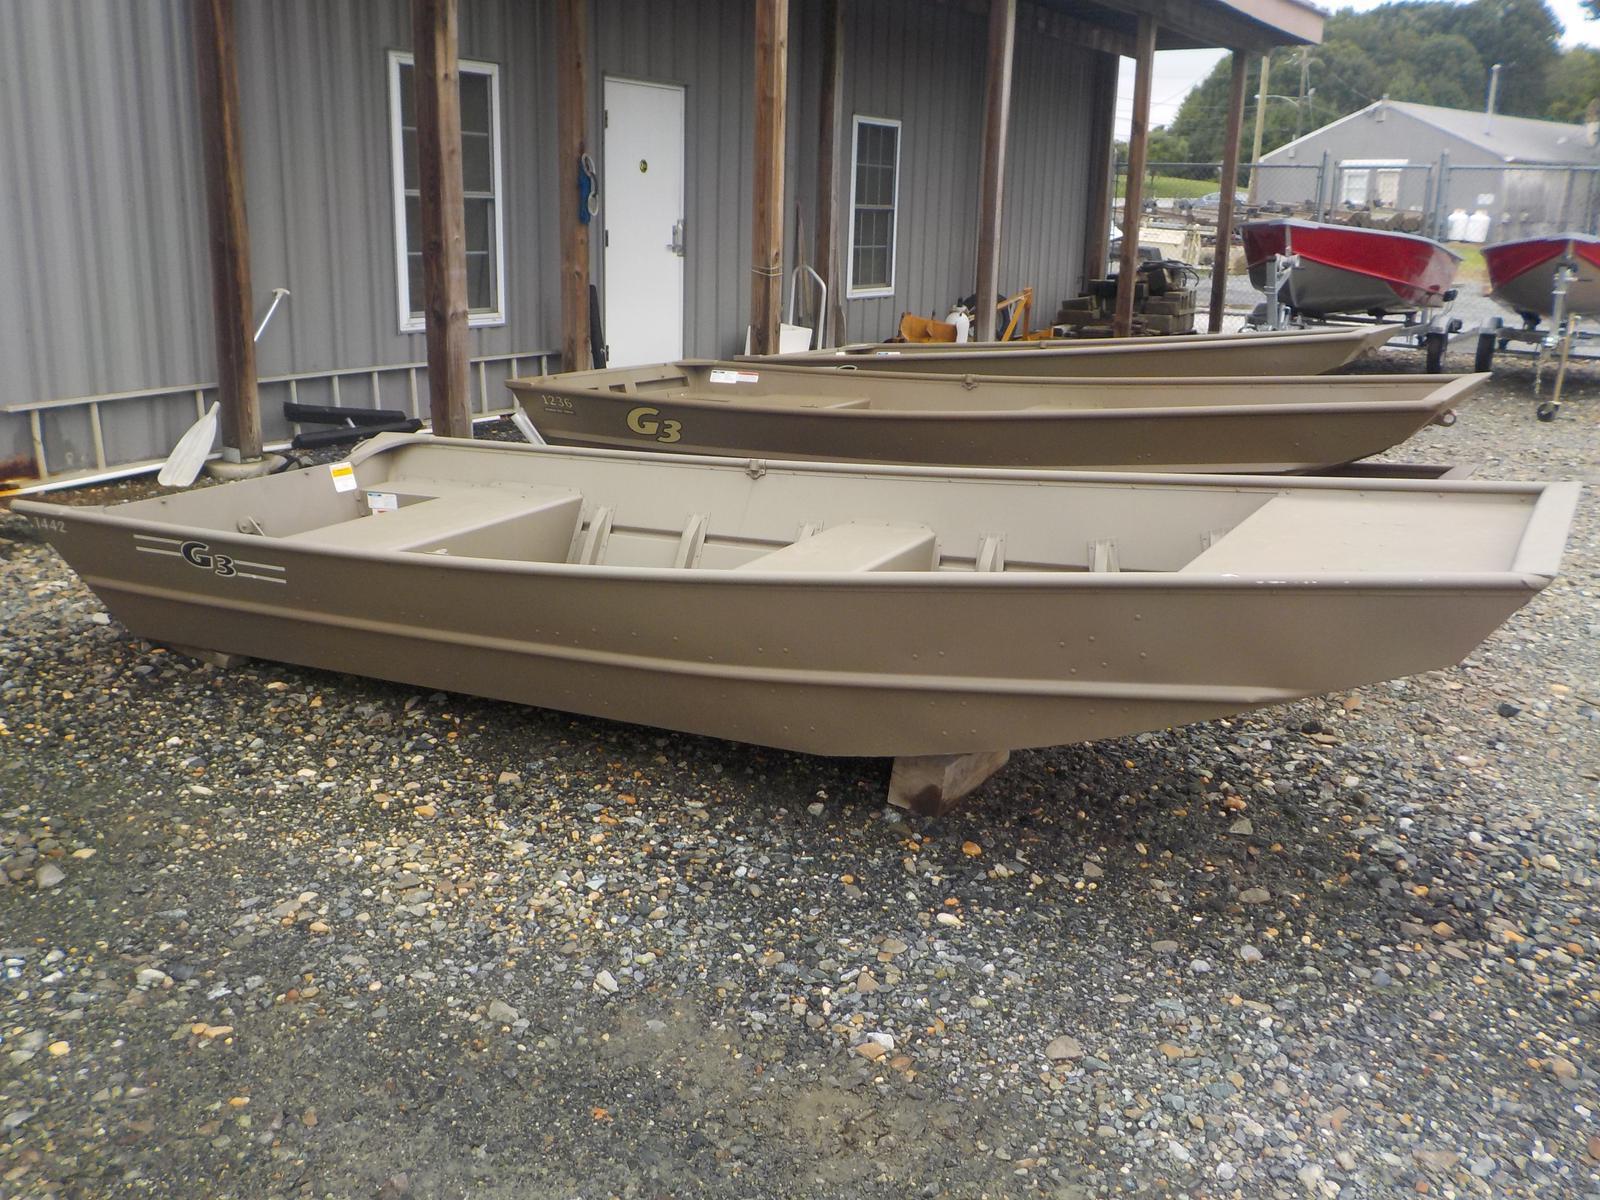 G3 Jon Boat 1442